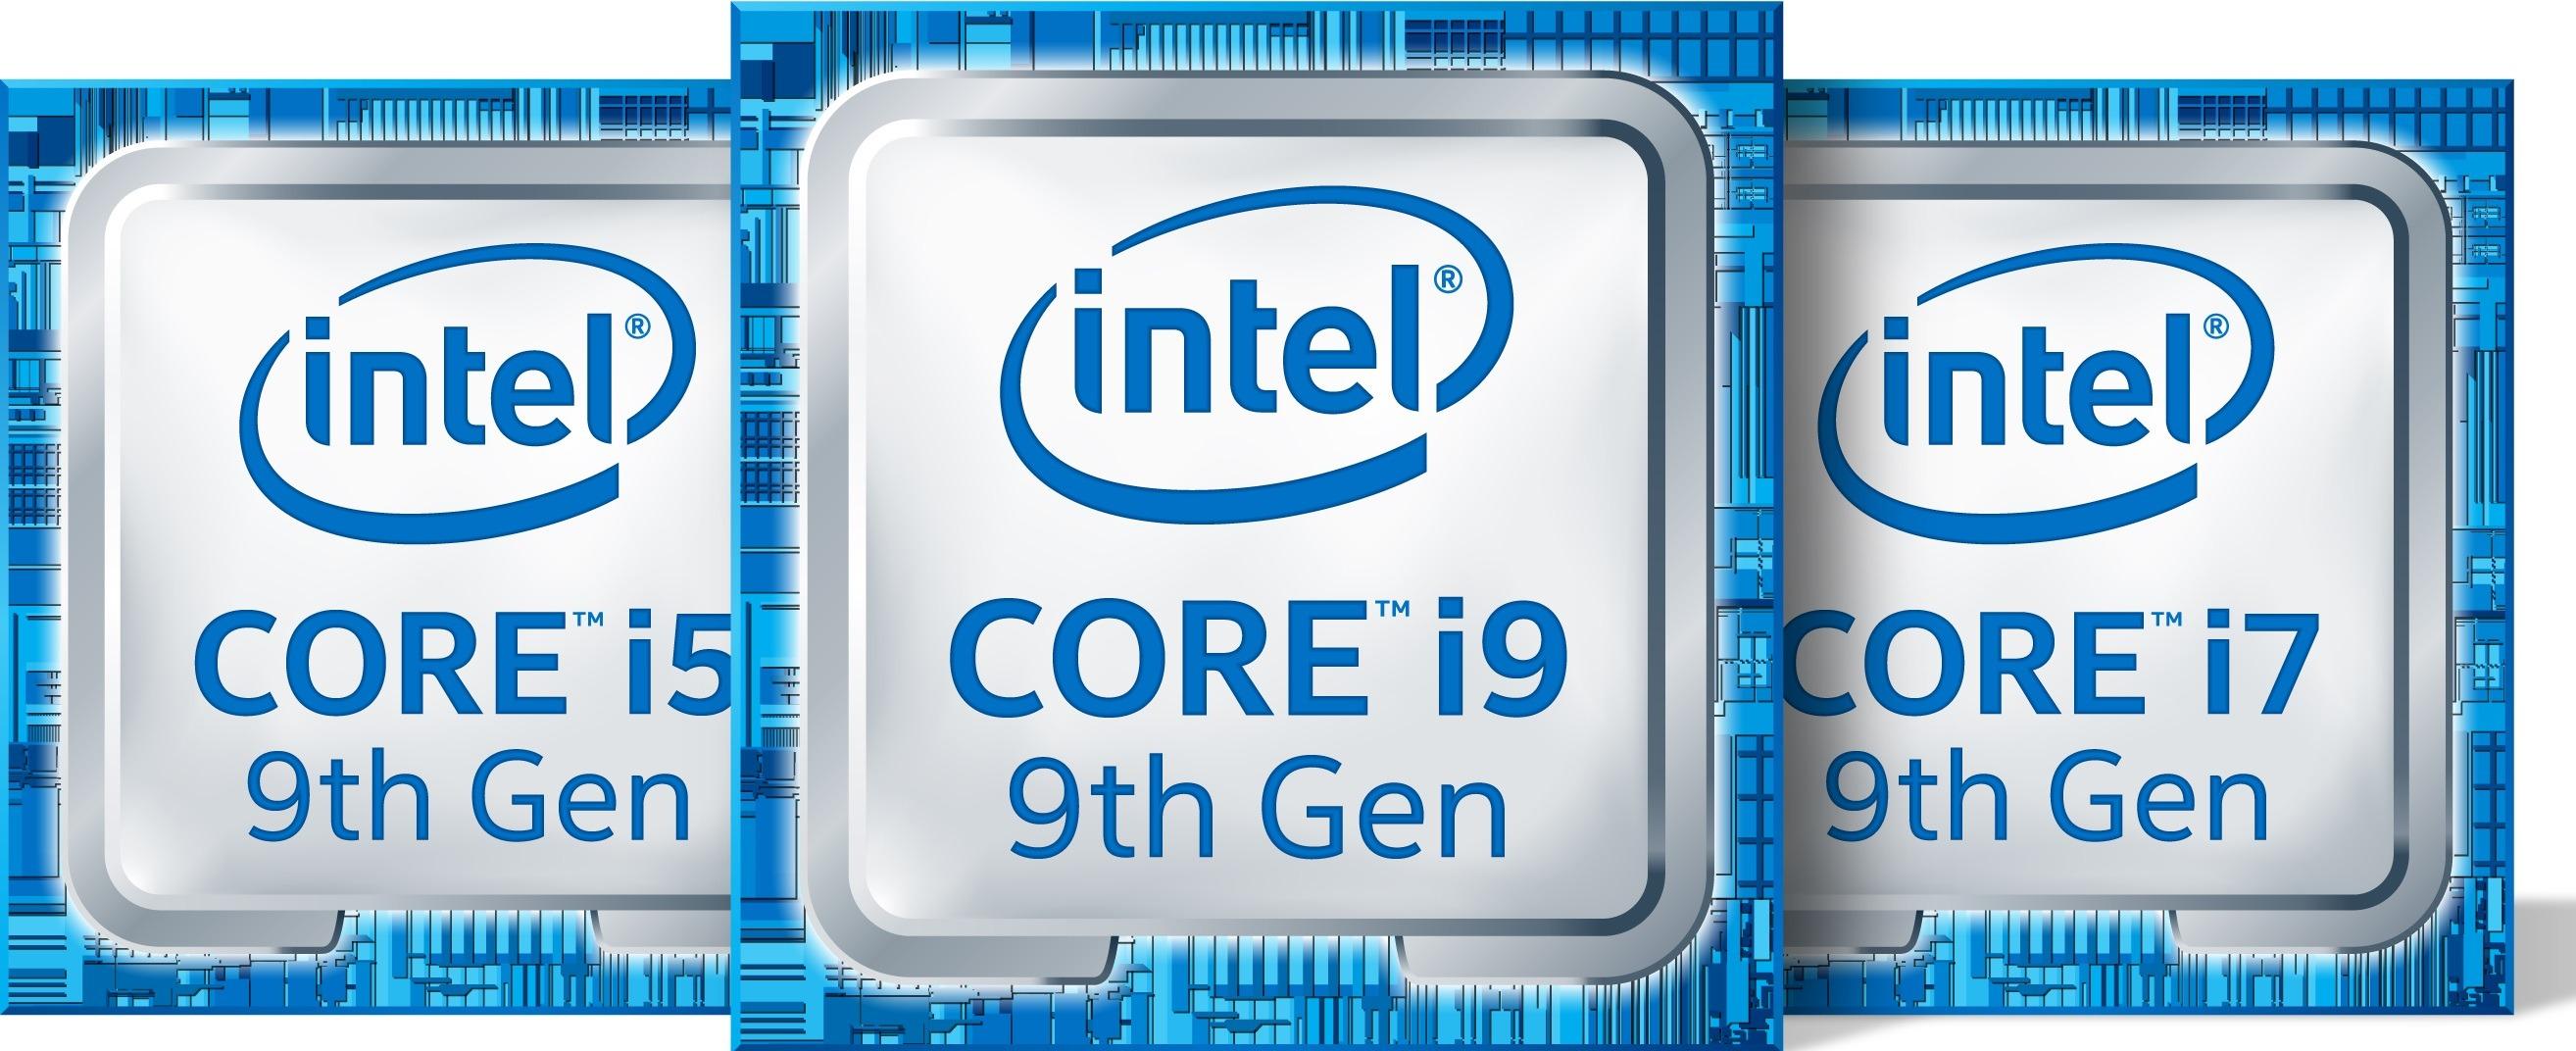 Intel presenta sus nuevos procesadores de novena generación